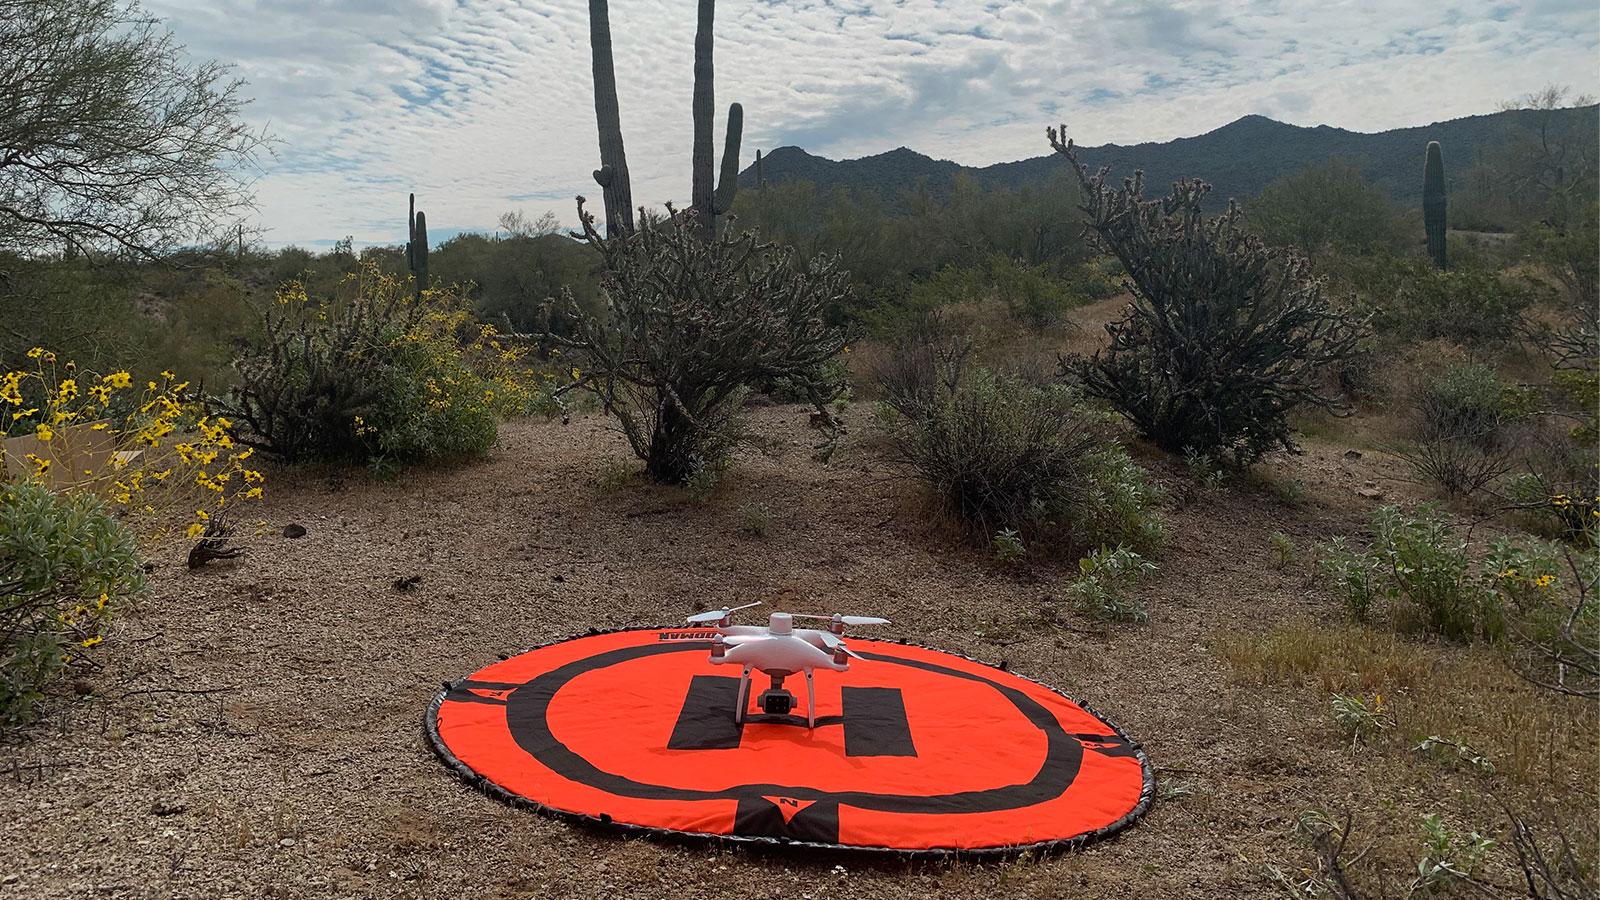 Taking off in the desert